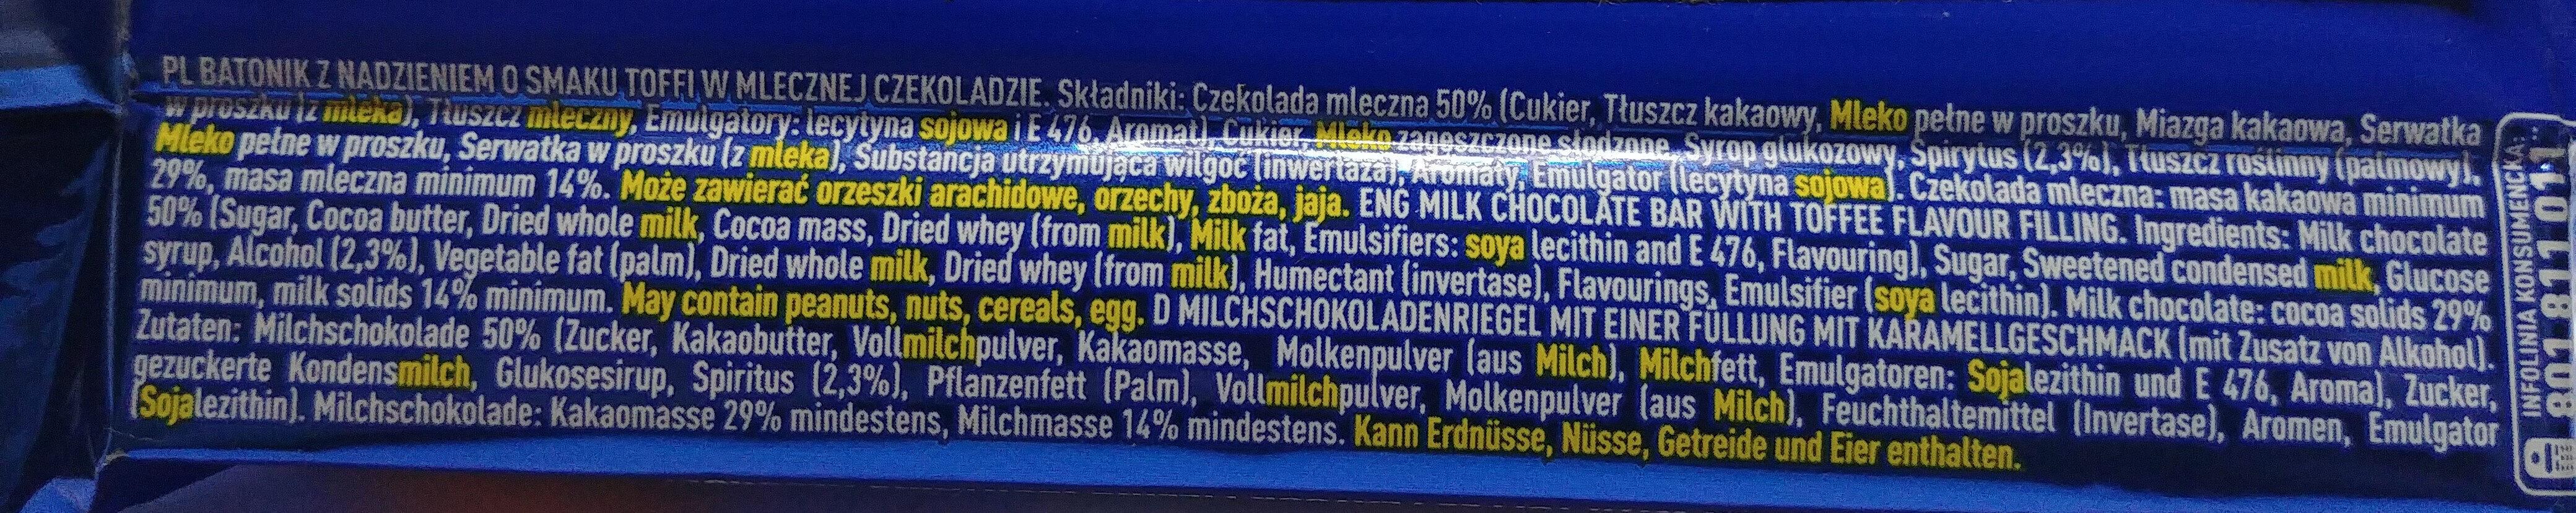 Batonik z nadzieniem o smaku toffi w mlecznej czekoladzie 2,3%. - Ingredients